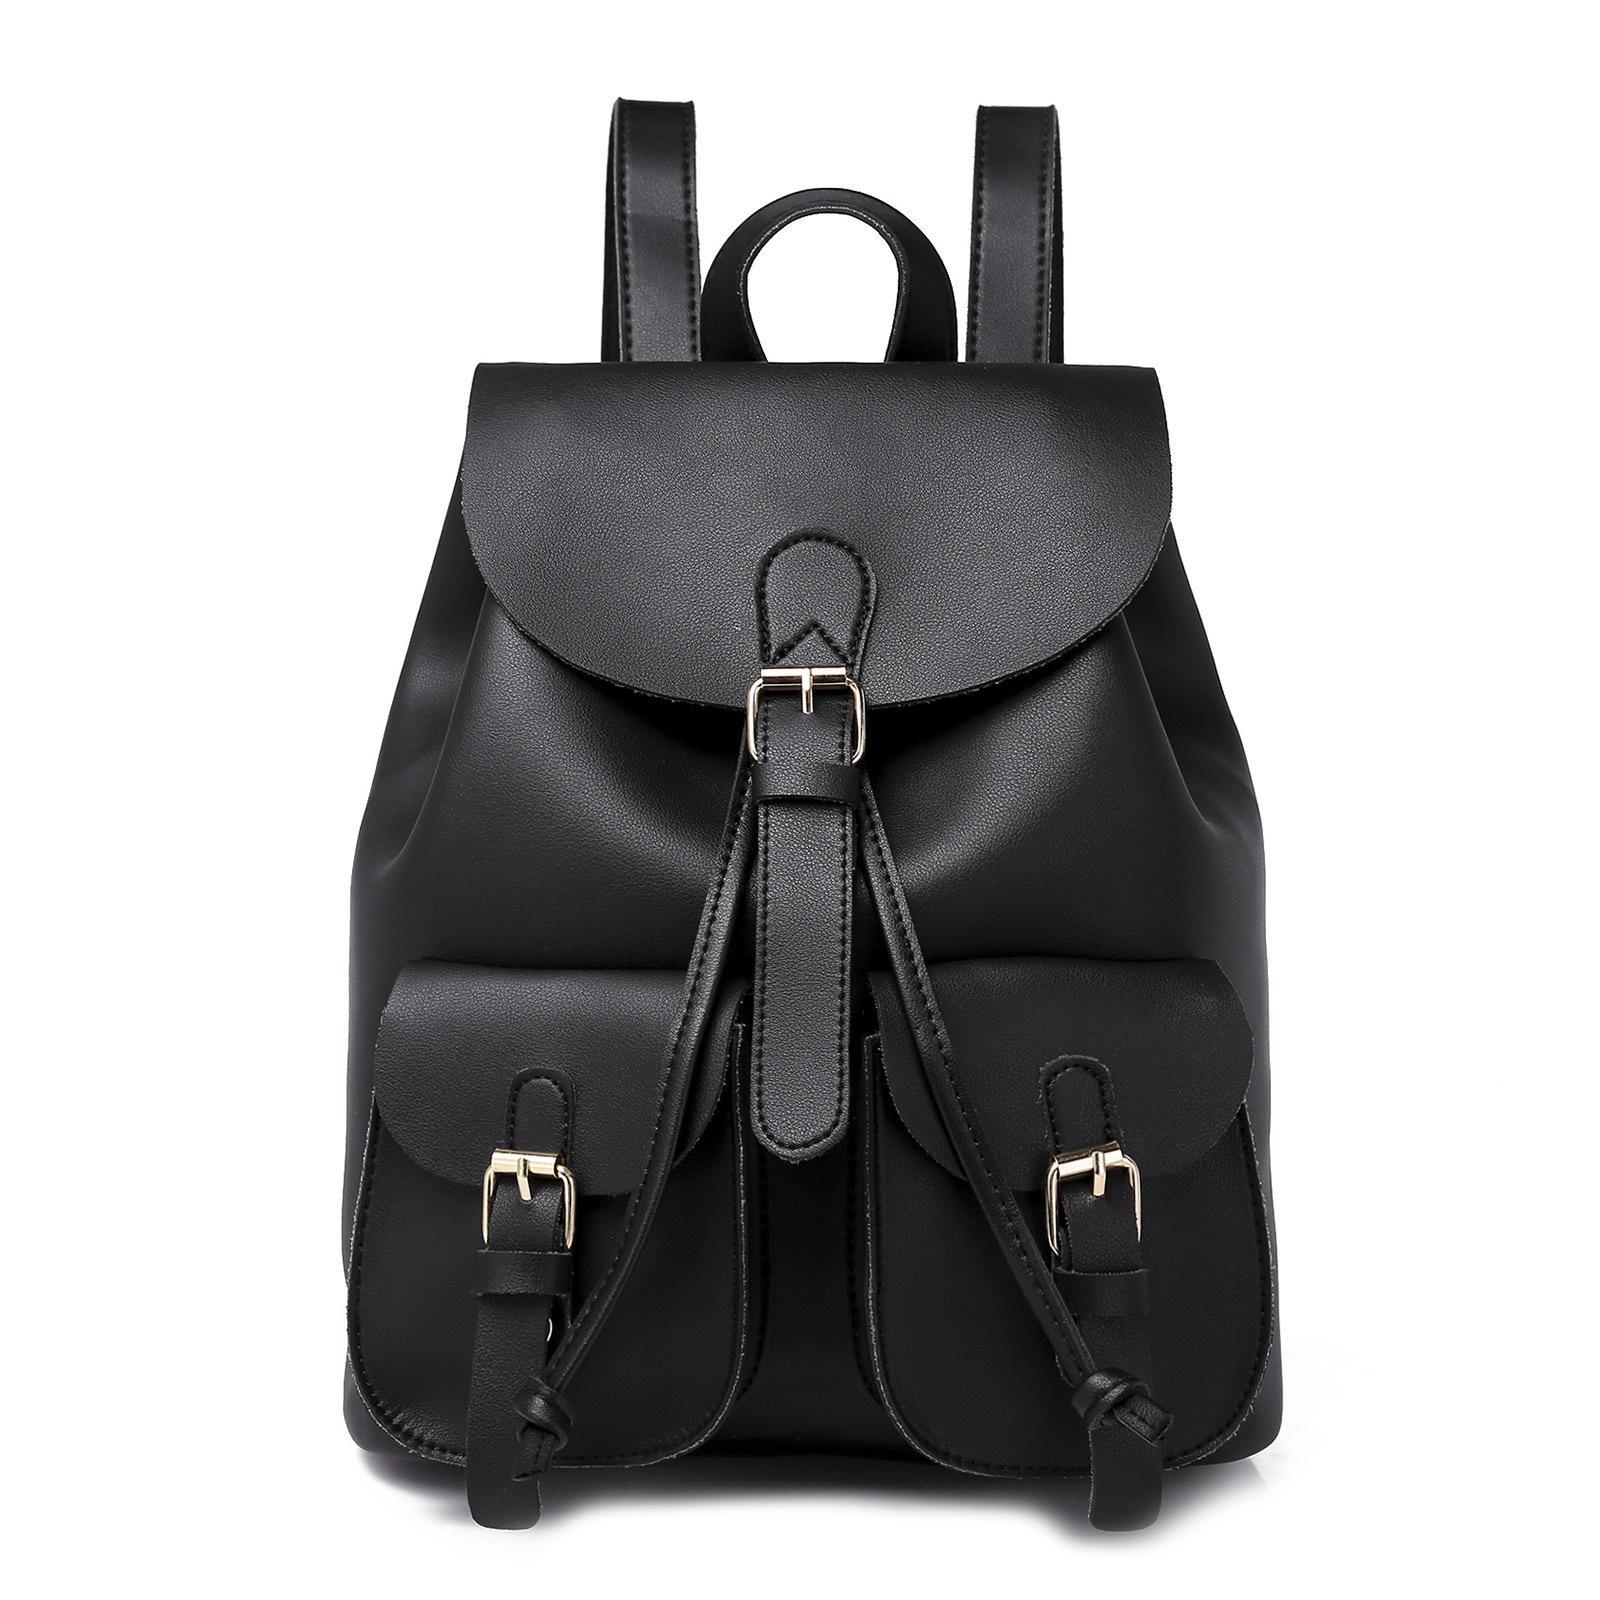 6a0e6e7e07e0 BAIJIAWEI Женский модный рюкзак из кожи с кисточками для путешествий и учебы